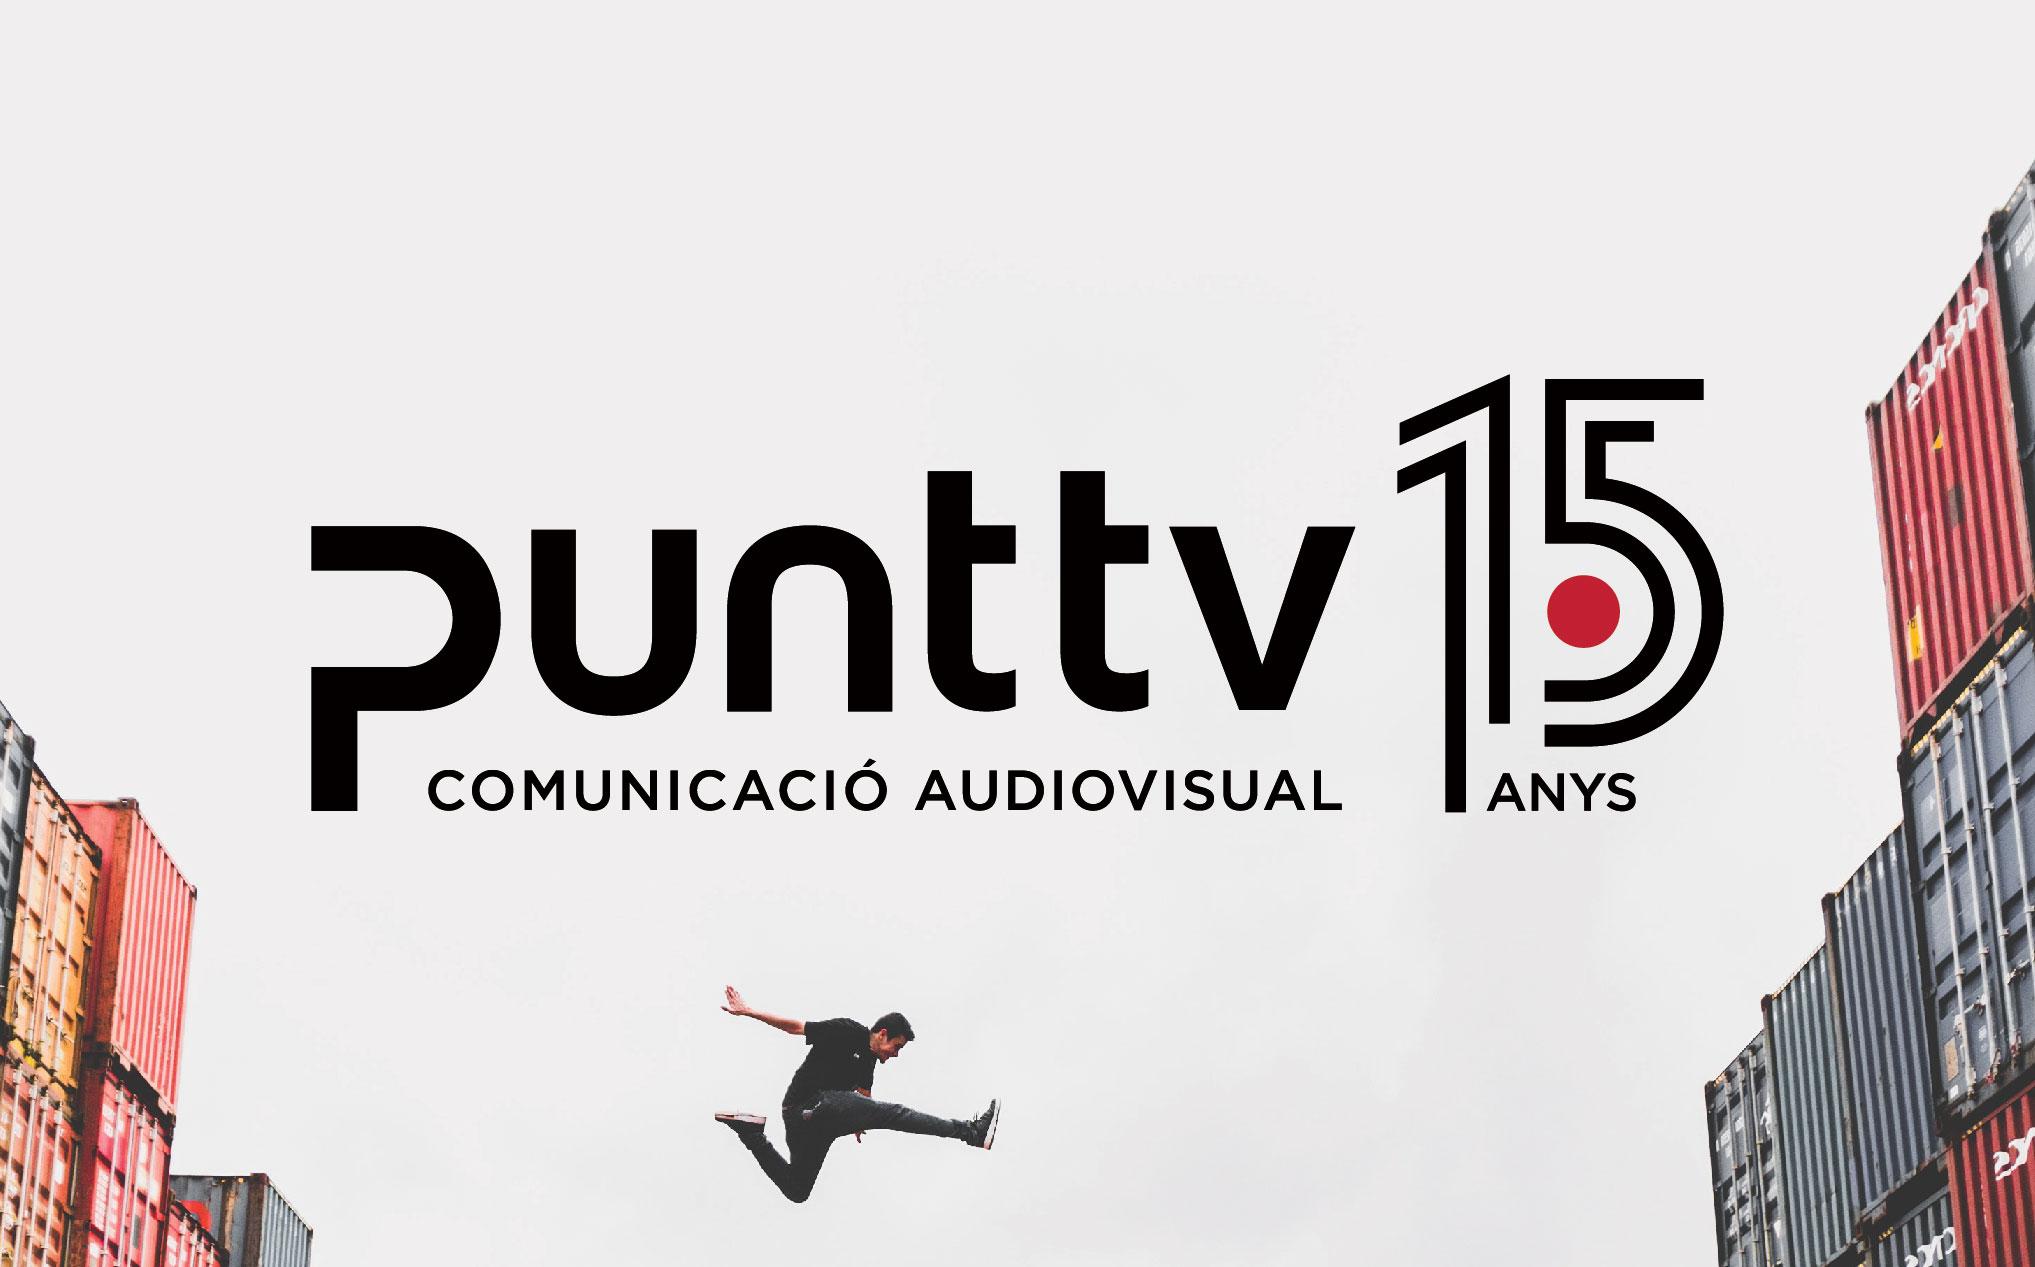 Punt TV Comunicació Audiovisual 15 anys Disculpi Studio Disseny Grafic Vilafranca del Penedes Graphic Design Barcelona Angels Pinyol Carla Elias - PUNT TV - Disseny del logotip pels quinze anys